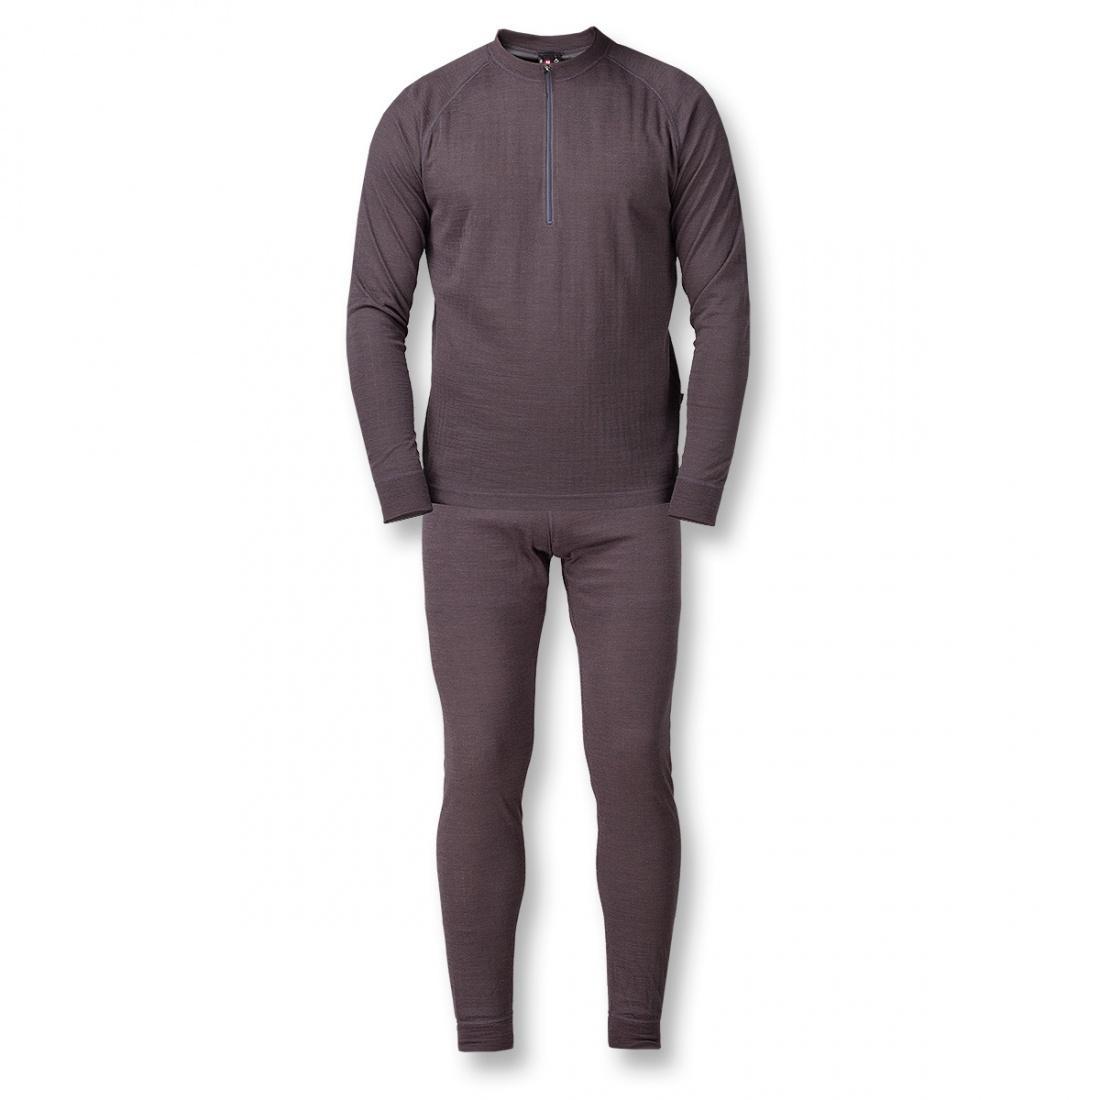 Термобелье костюм Natural Dry ZipКомплекты<br>Теплое белье из смесовой ткани: шерстяные волокна греют, анити акрила и полипропилена добавляют белью эластичности исокращают время исп...<br><br>Цвет: Серый<br>Размер: 56